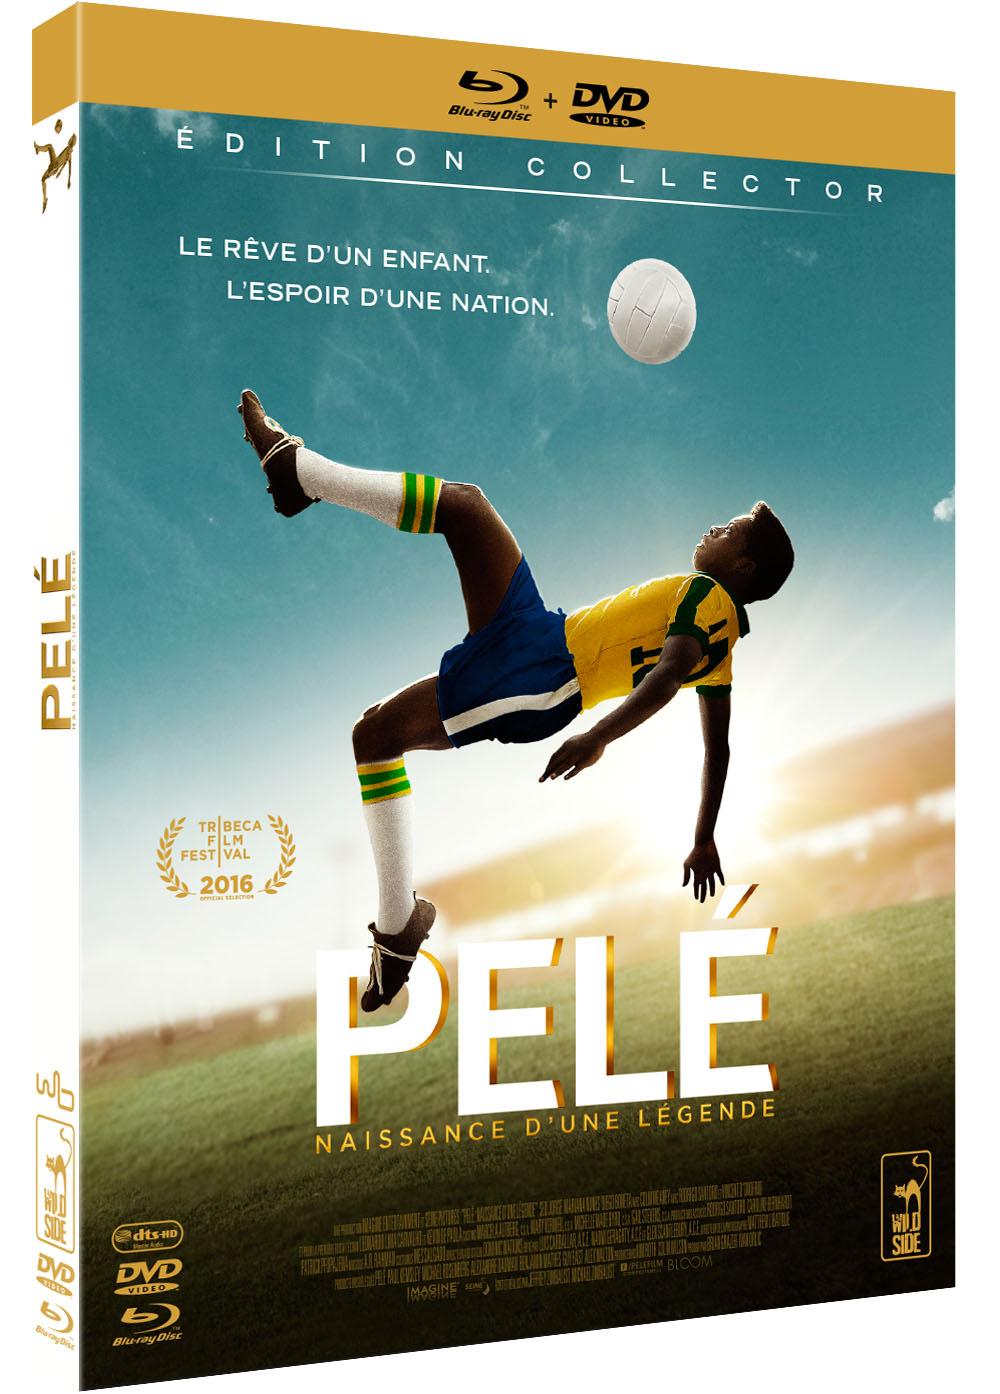 Pelé - naissance d'une légende TRUEFRENCH BLURAY 720p